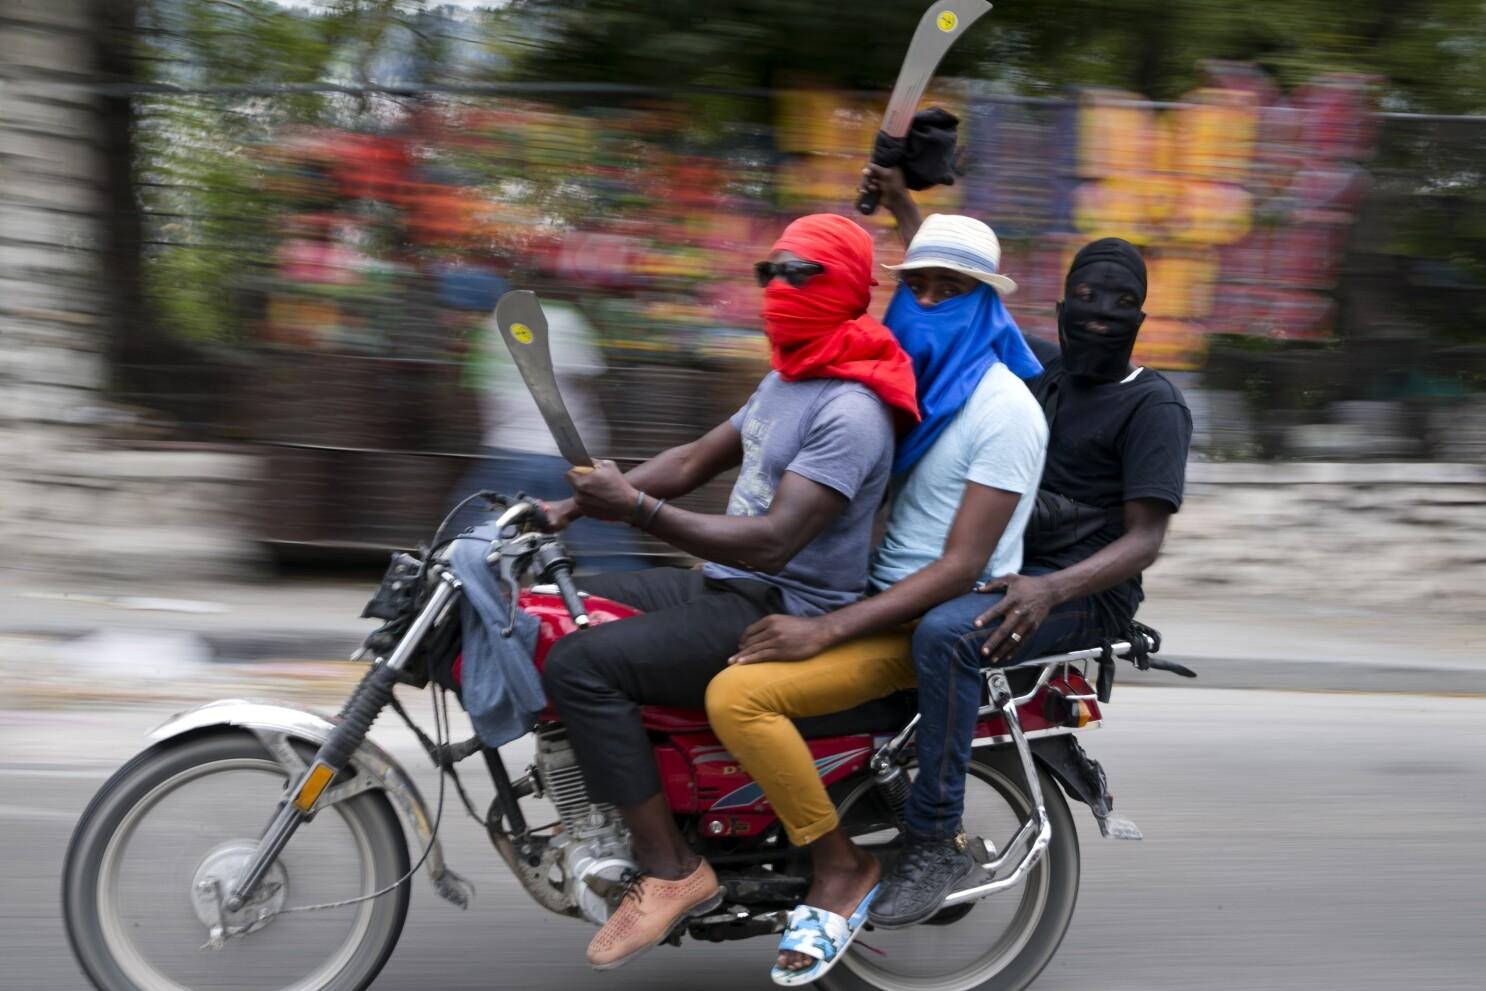 Secuestros, un azote que aumenta la pobreza en Haití - San Diego  Union-Tribune en Español